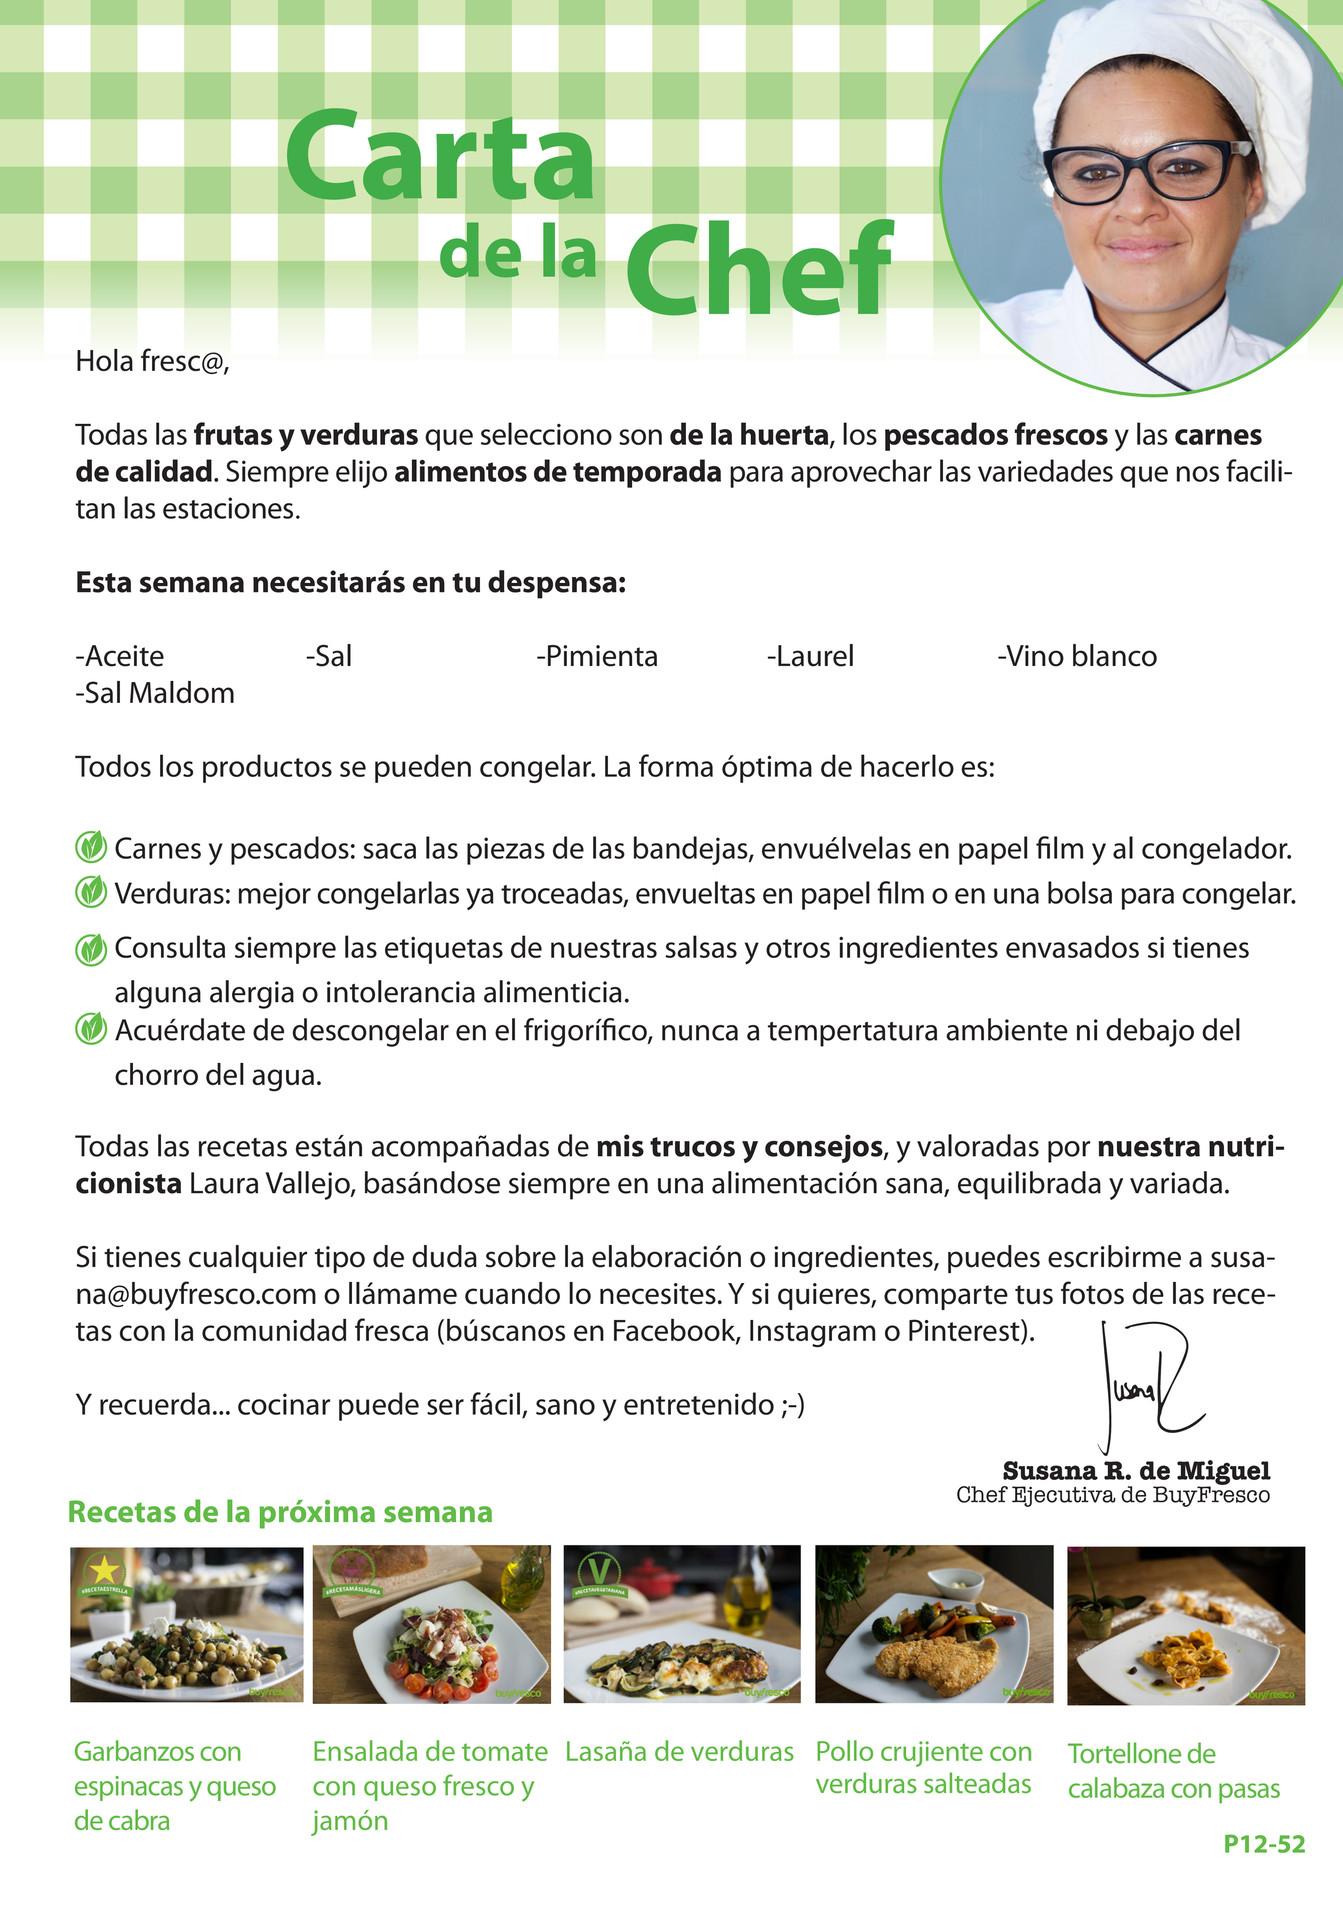 BuyFresco - BUYFRESCO, Cesta 12 para Parejas, 5 recetas para 2 personas - Página 8-9